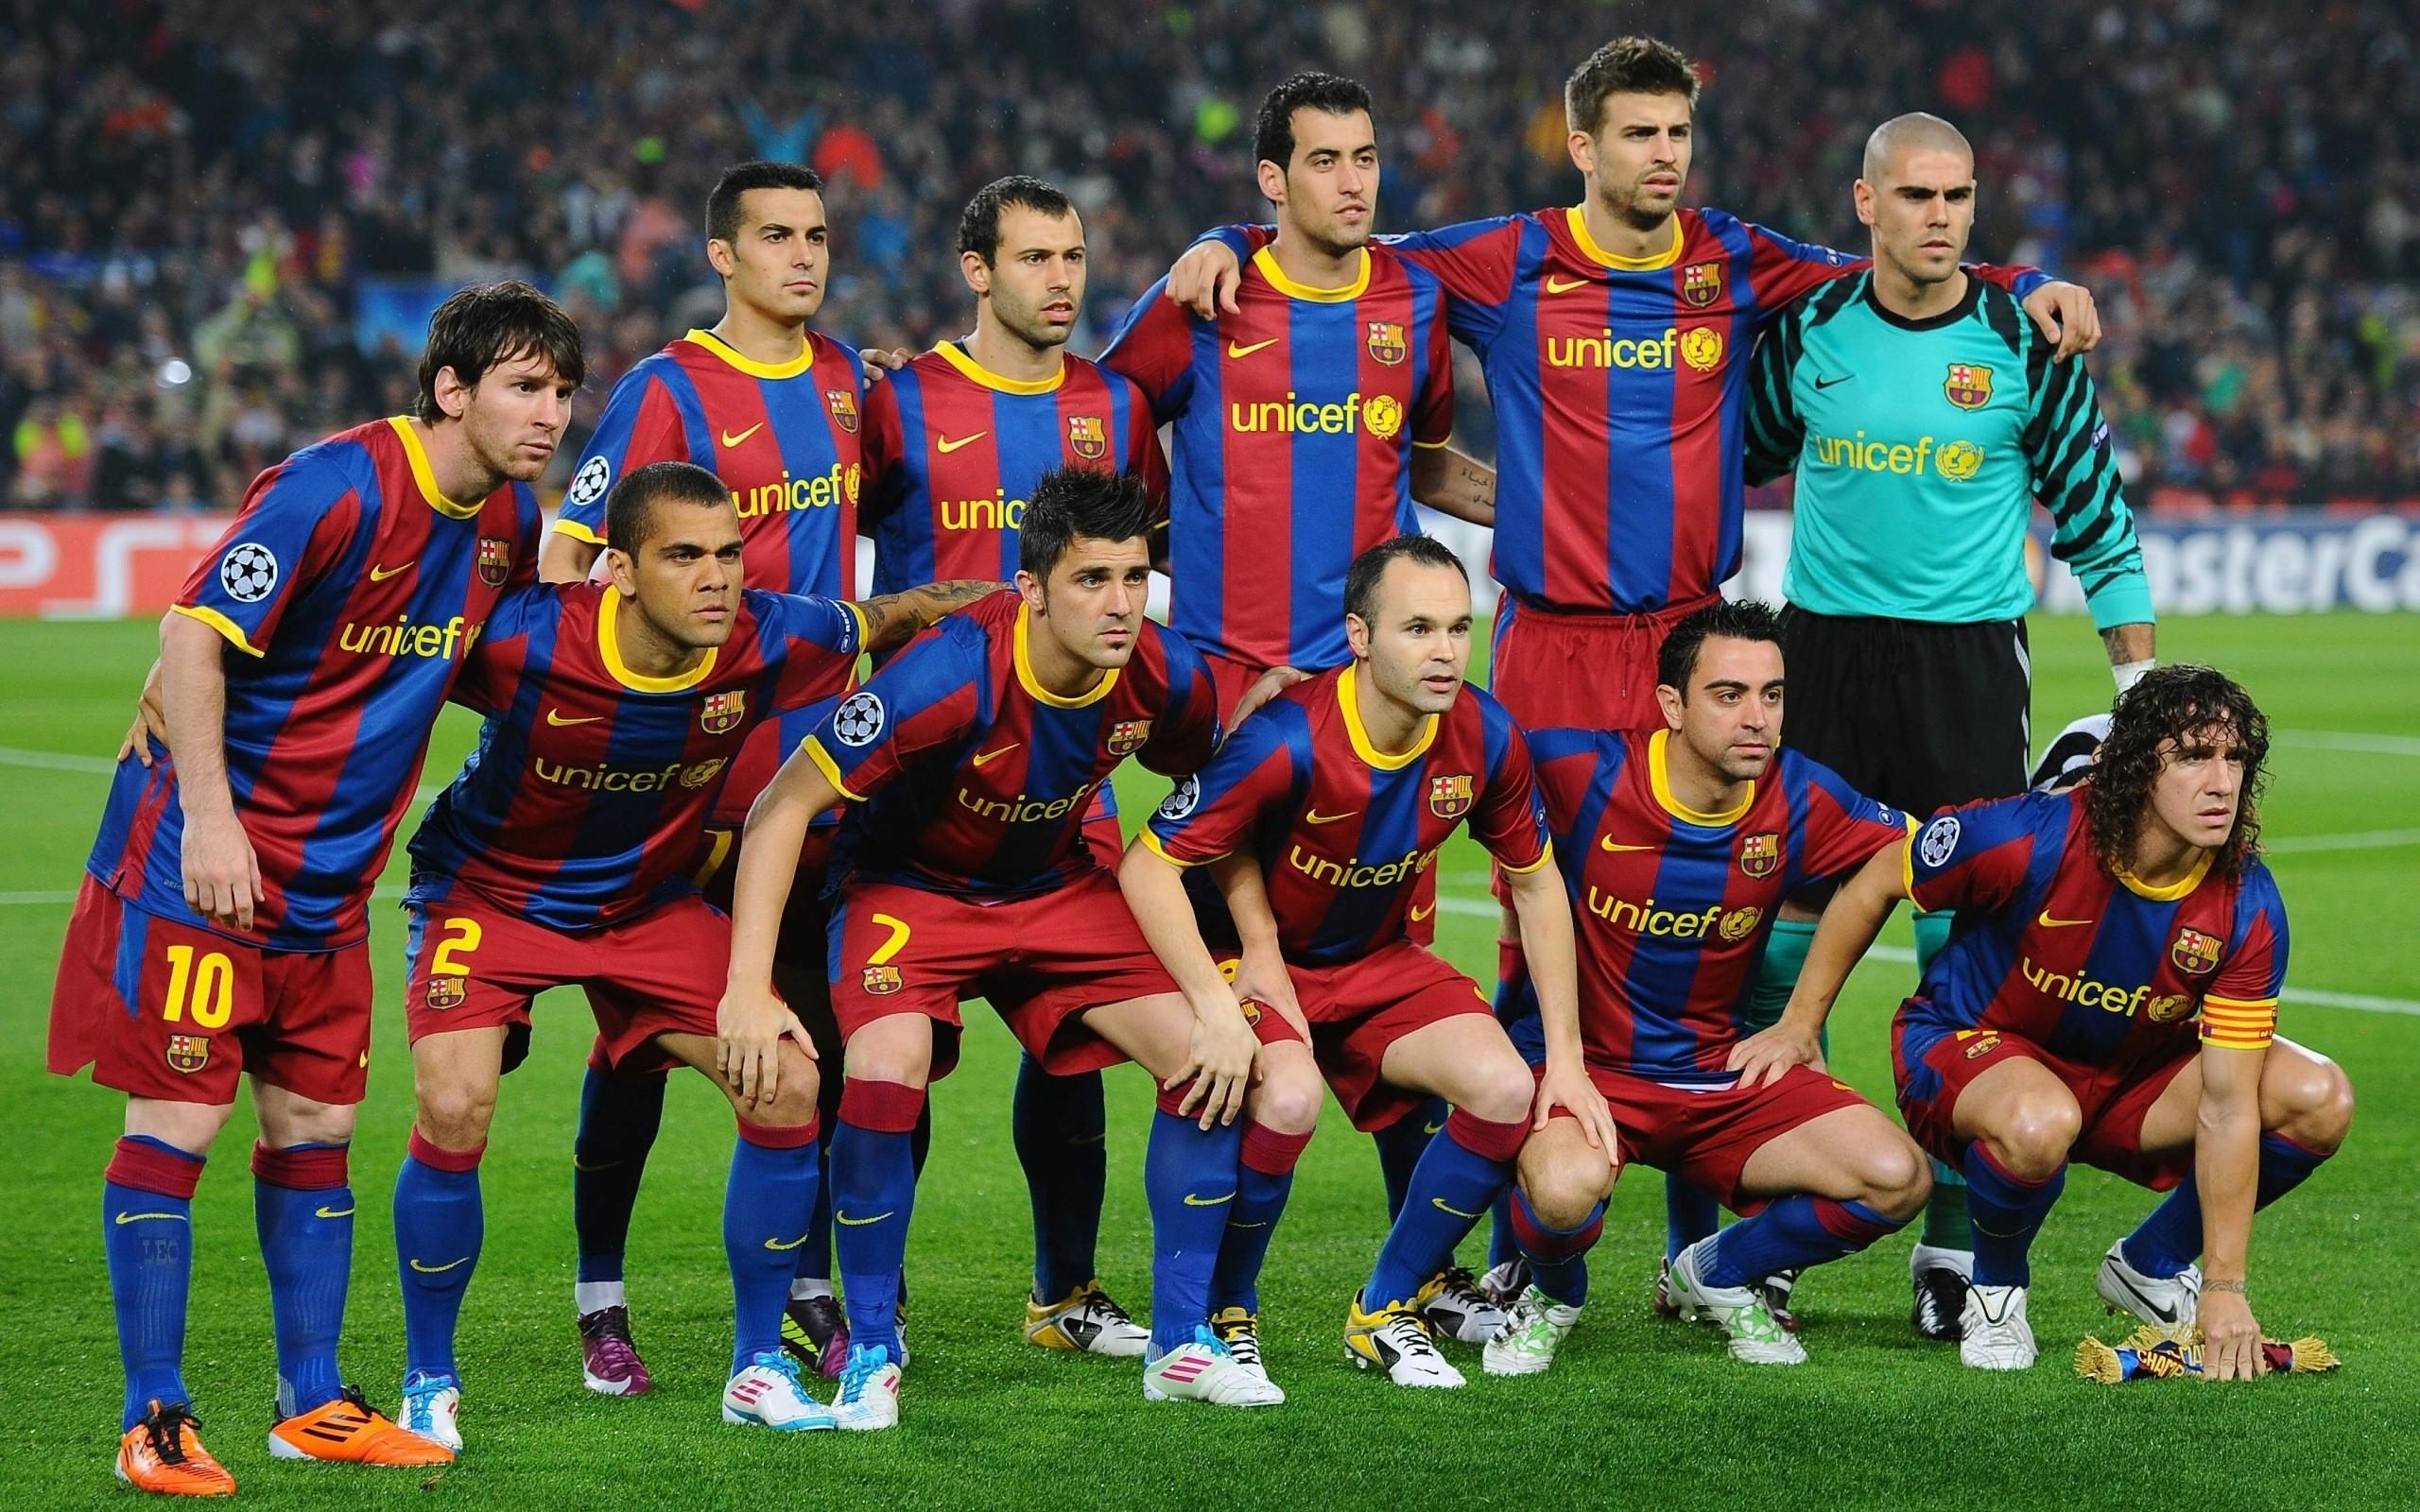 بالصور صور فريق برشلونة , اجدد صور للنادي الاسباني الكاتلوني 4413 3